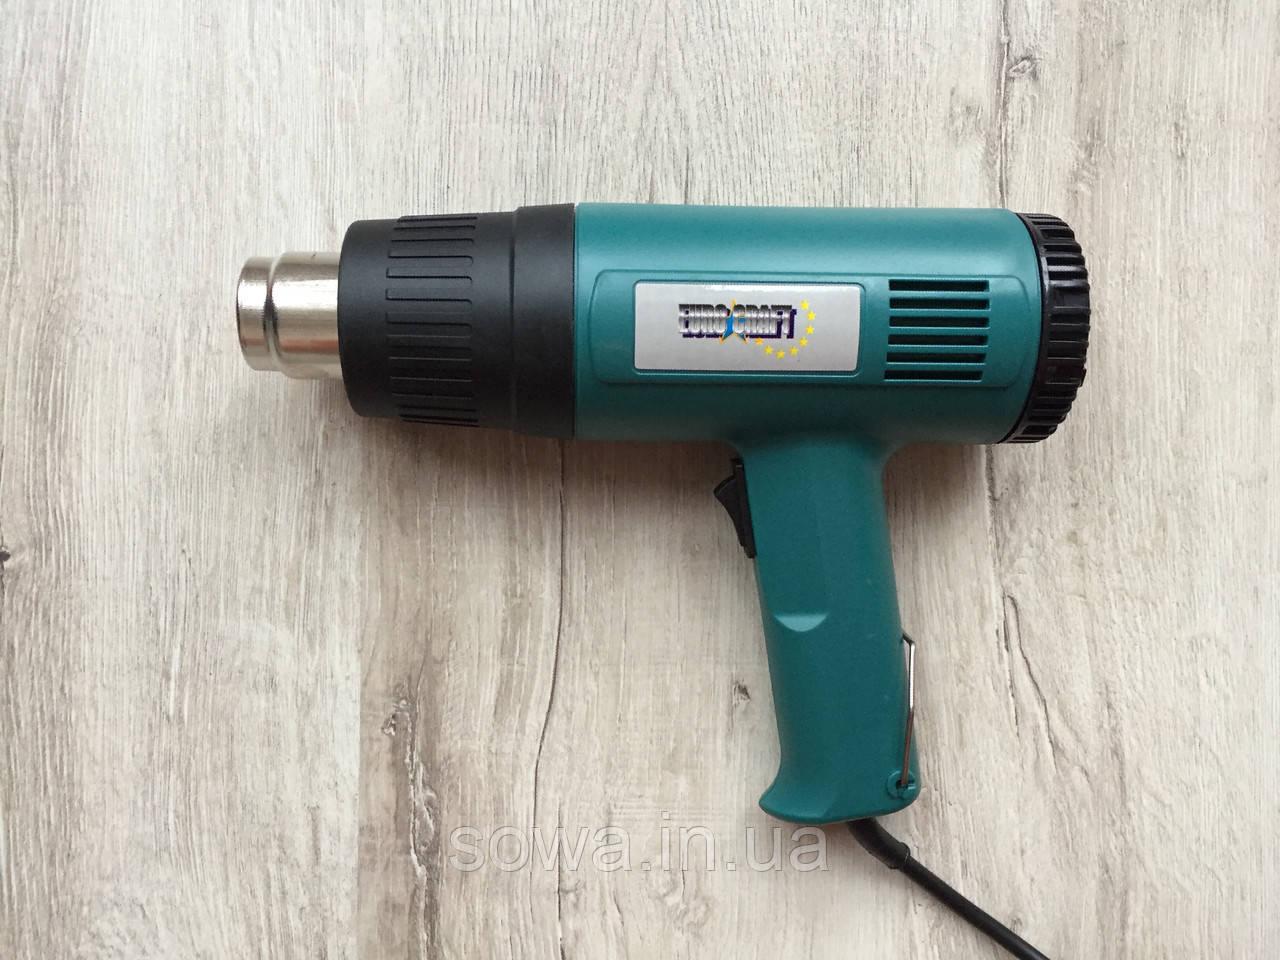 Фен Технический Euro Craft HG2040